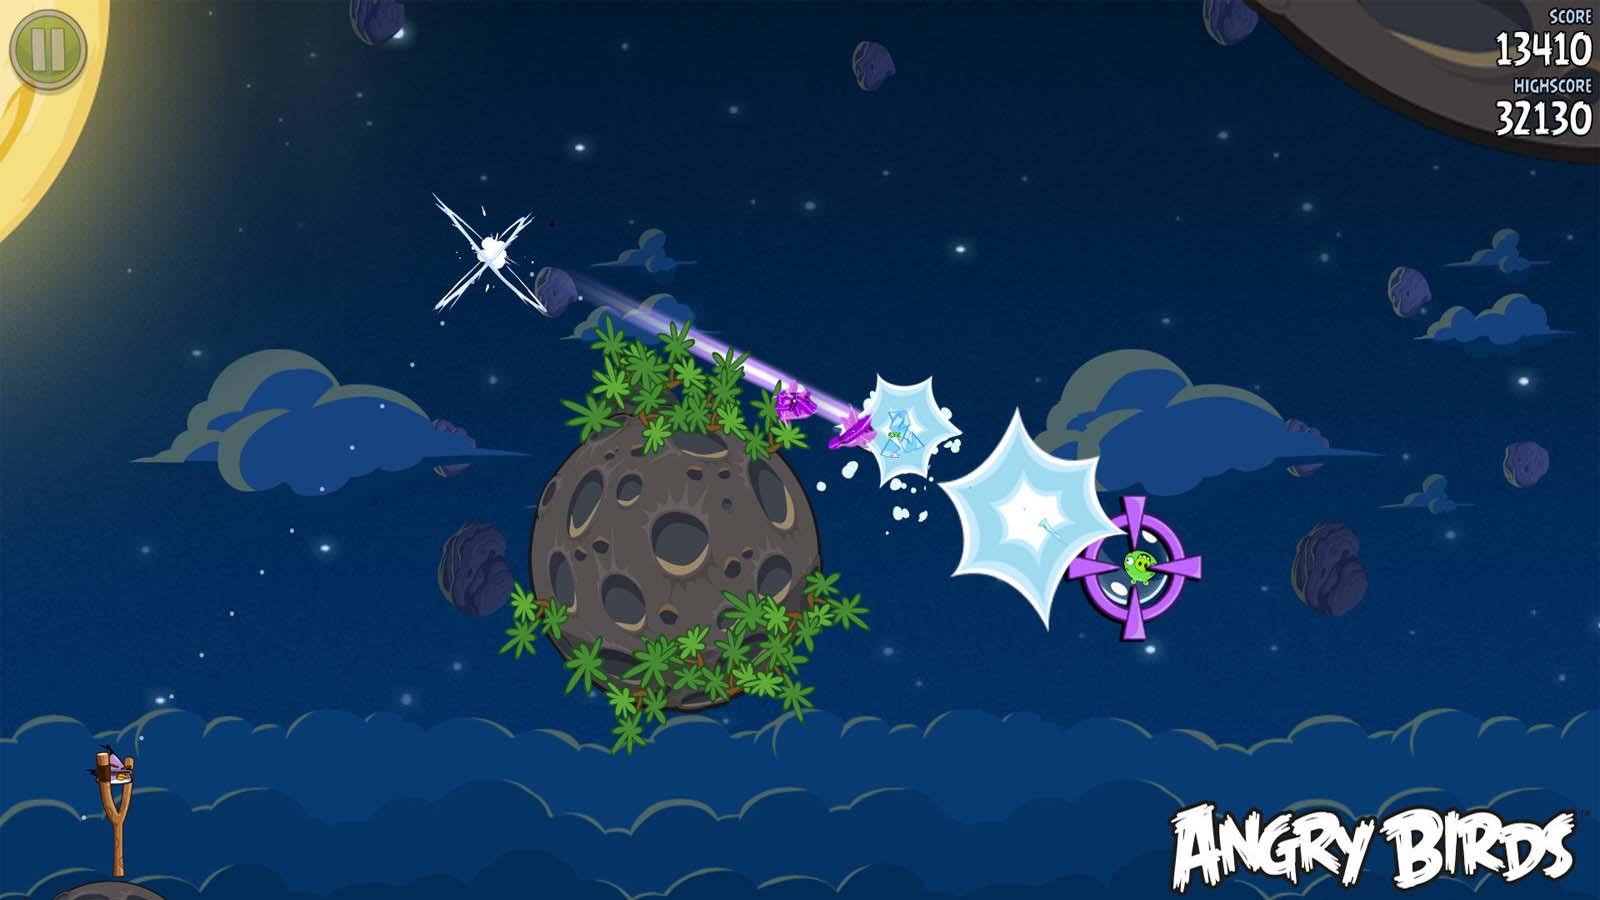 تحميل لعبة Angry Birds Space مضغوطة برابط واحد مباشر كاملة مجانا